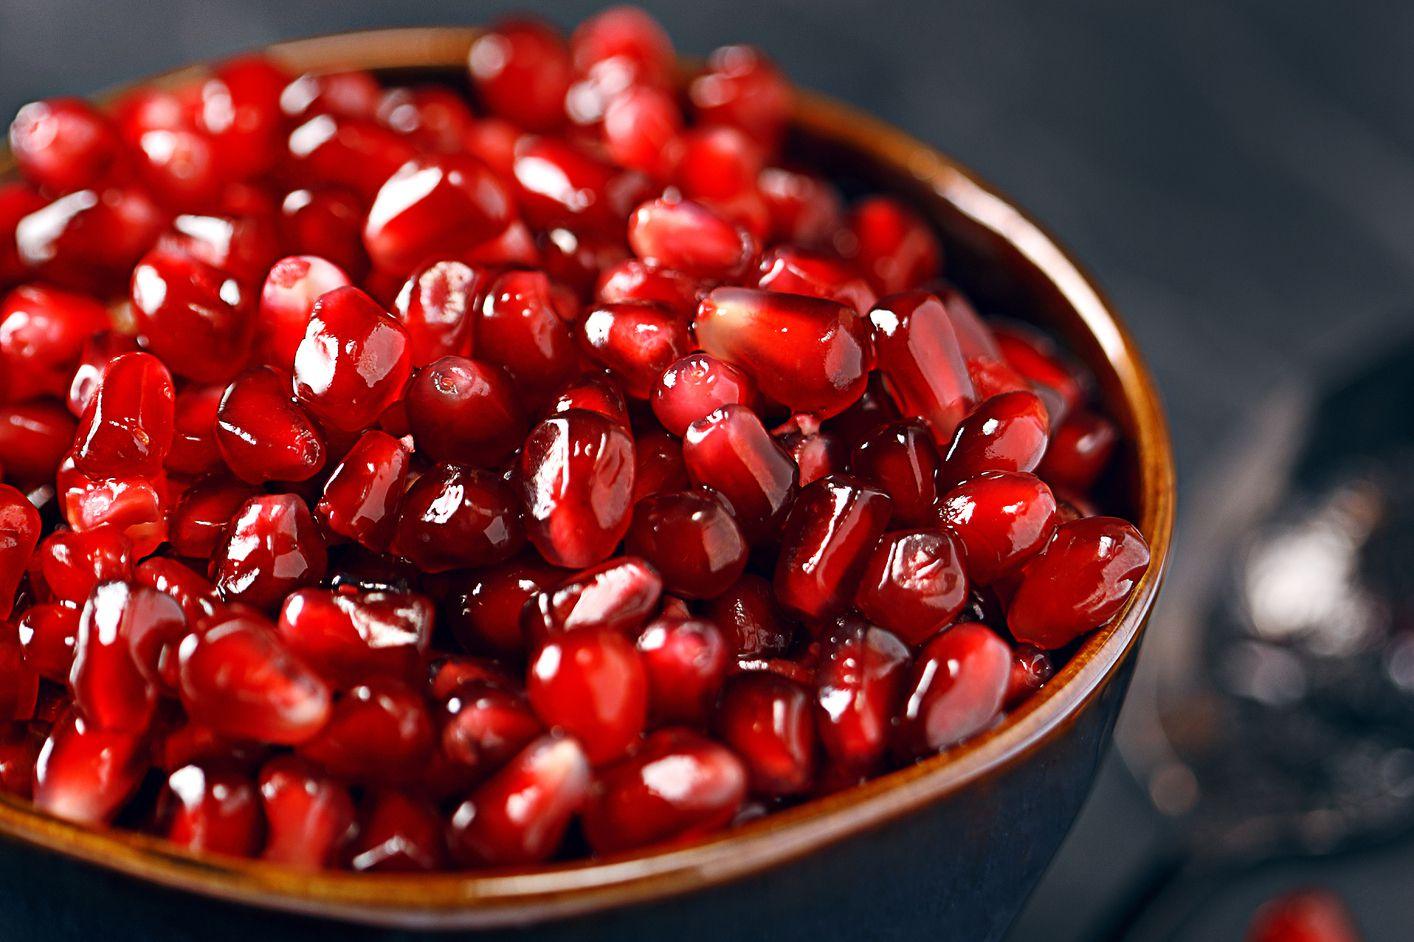 Vashiányos vagy? - 5 gyümölcs, melynek vastartalma kellően magas